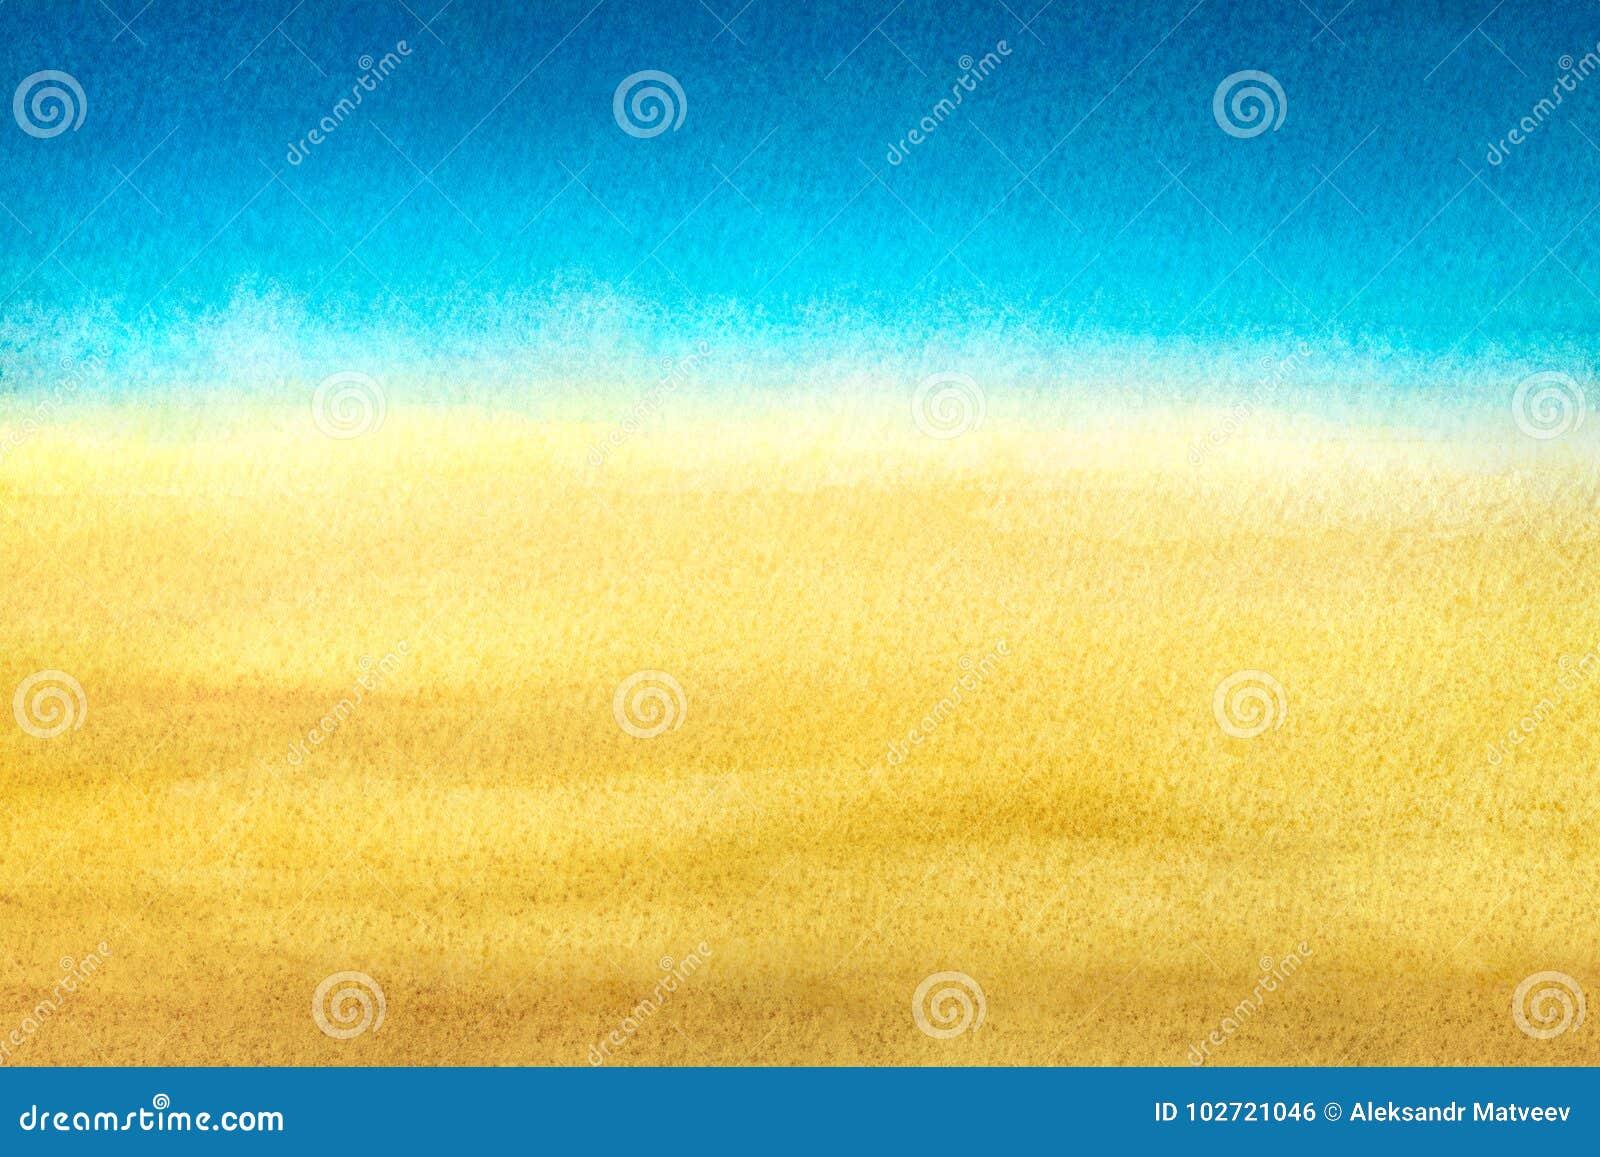 Luz - azul para aquecer o inclinação abstrato amarelo do mar e da praia pintado na aquarela no fundo branco limpo